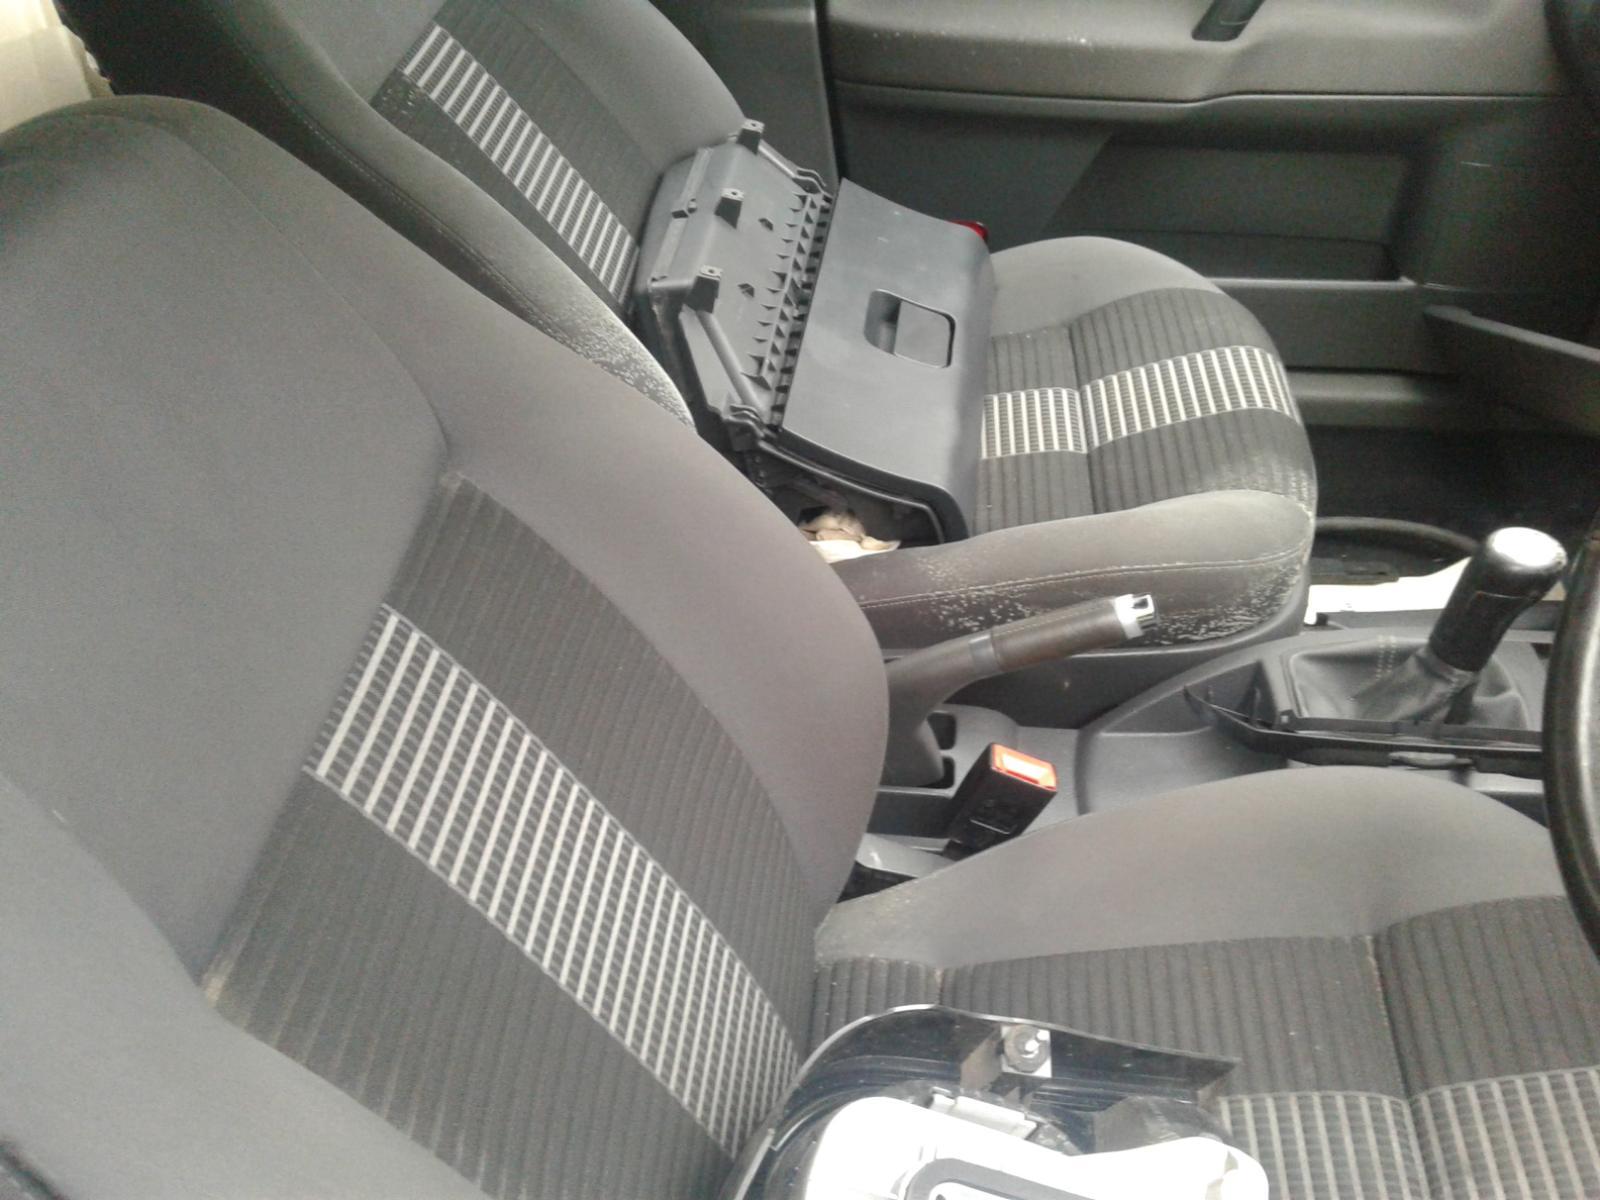 Image for a VOLKSWAGEN POLO 2009 5 Door Hatchback